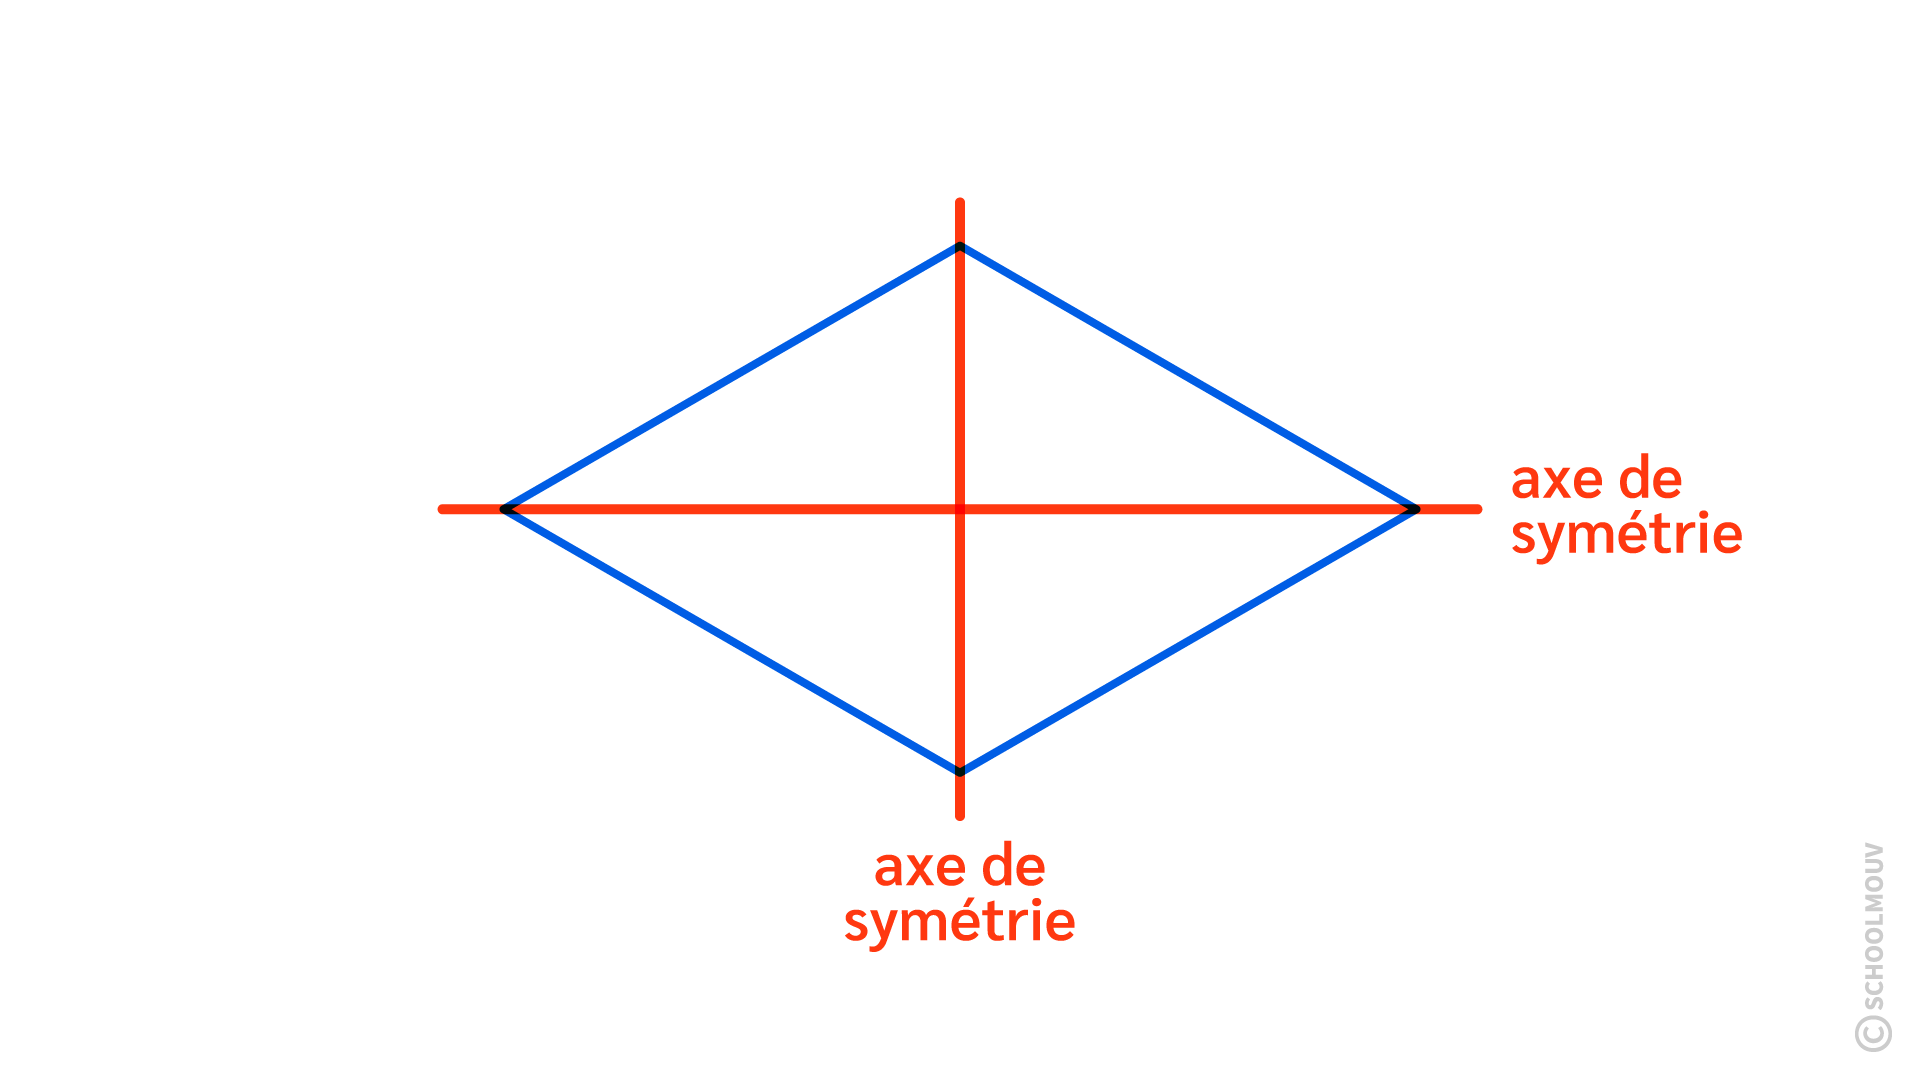 Primaire ce1 mathématiques espace géométrie axe de symétrie losange